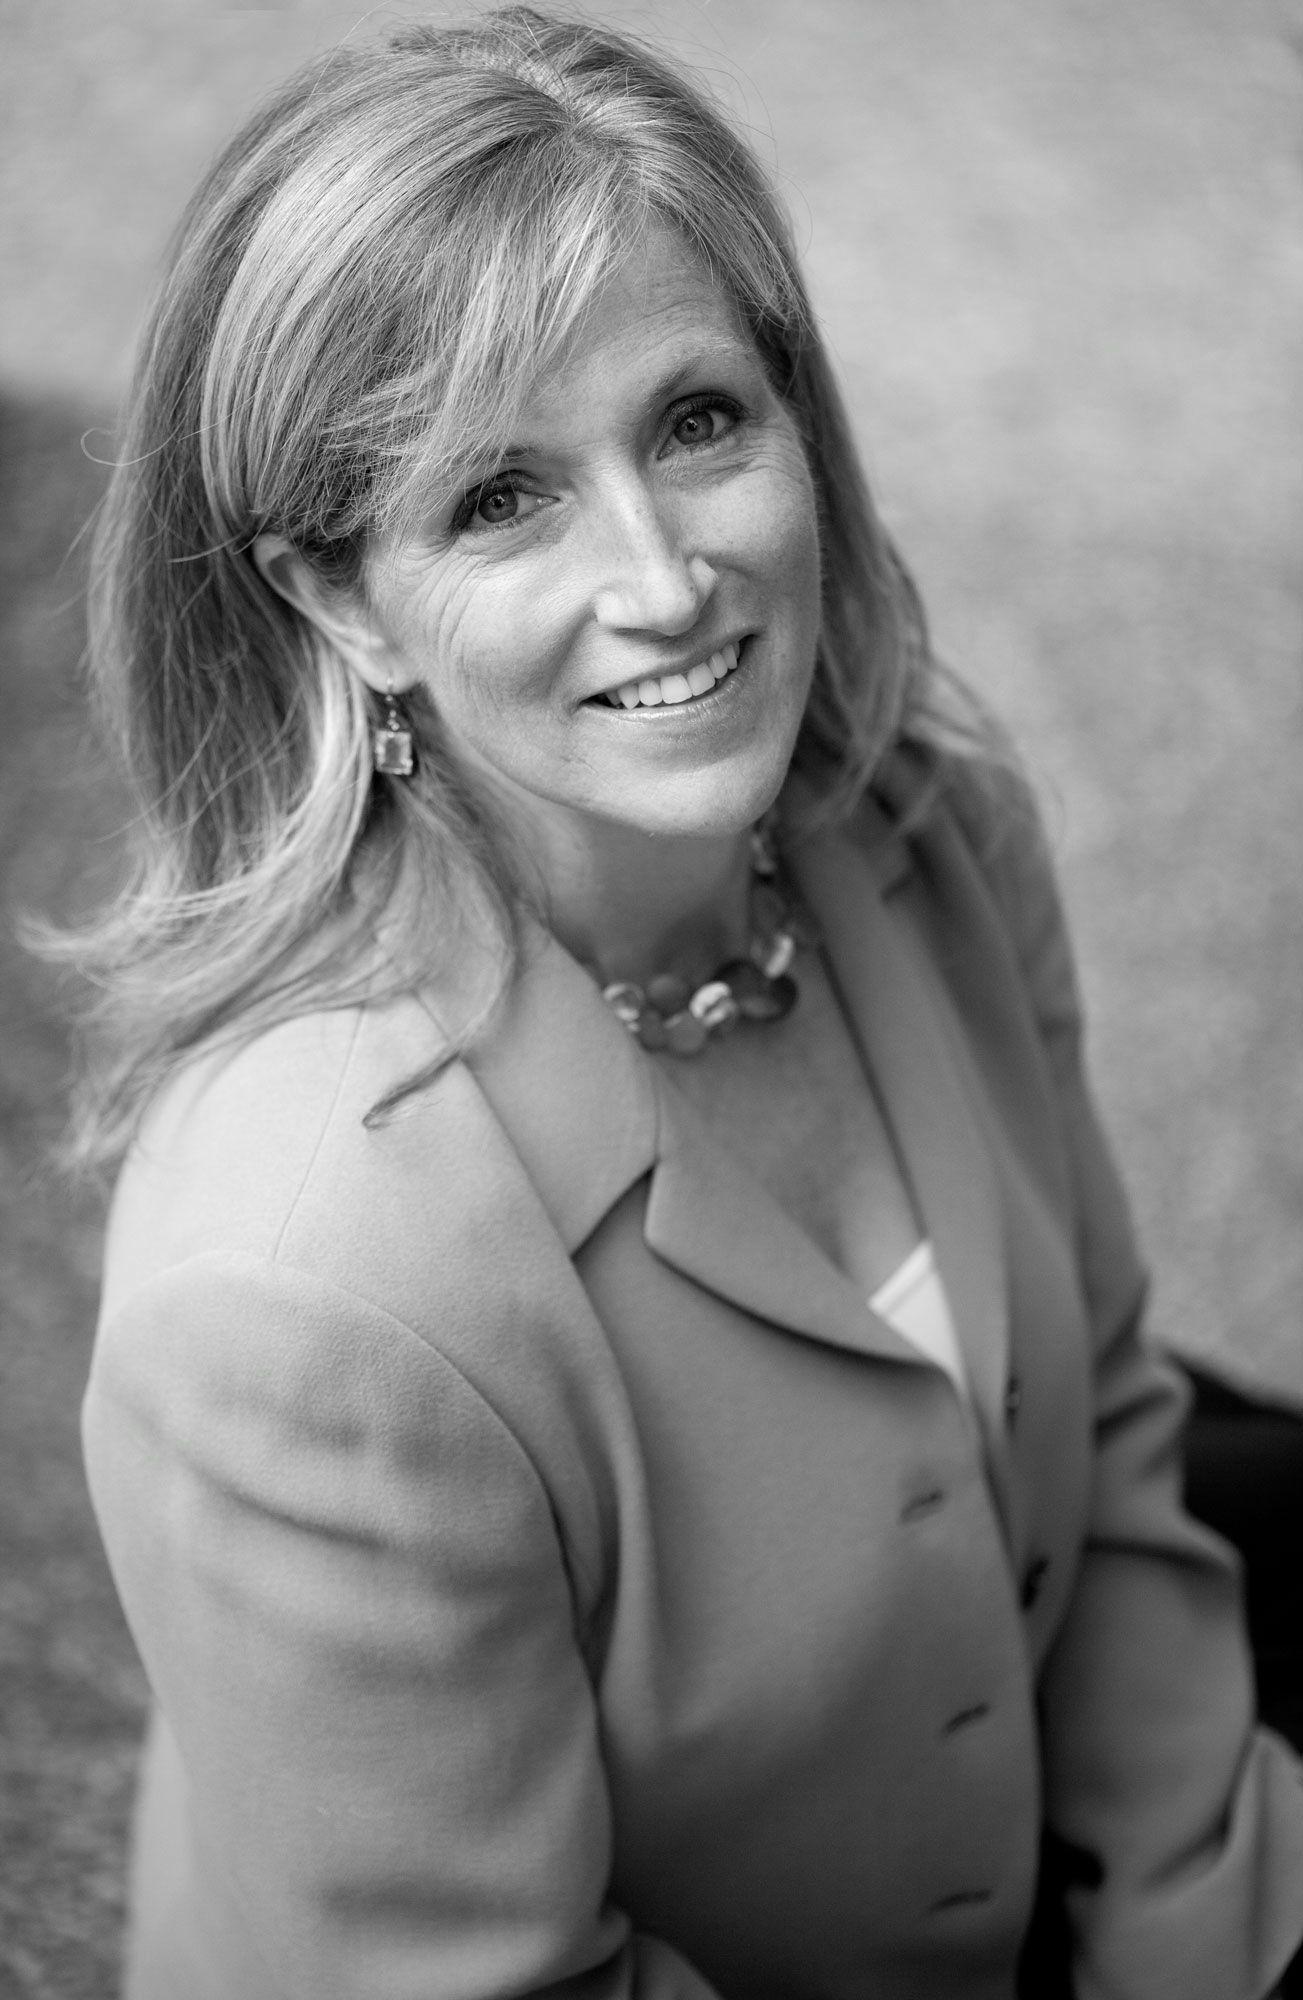 Shelia Meagher